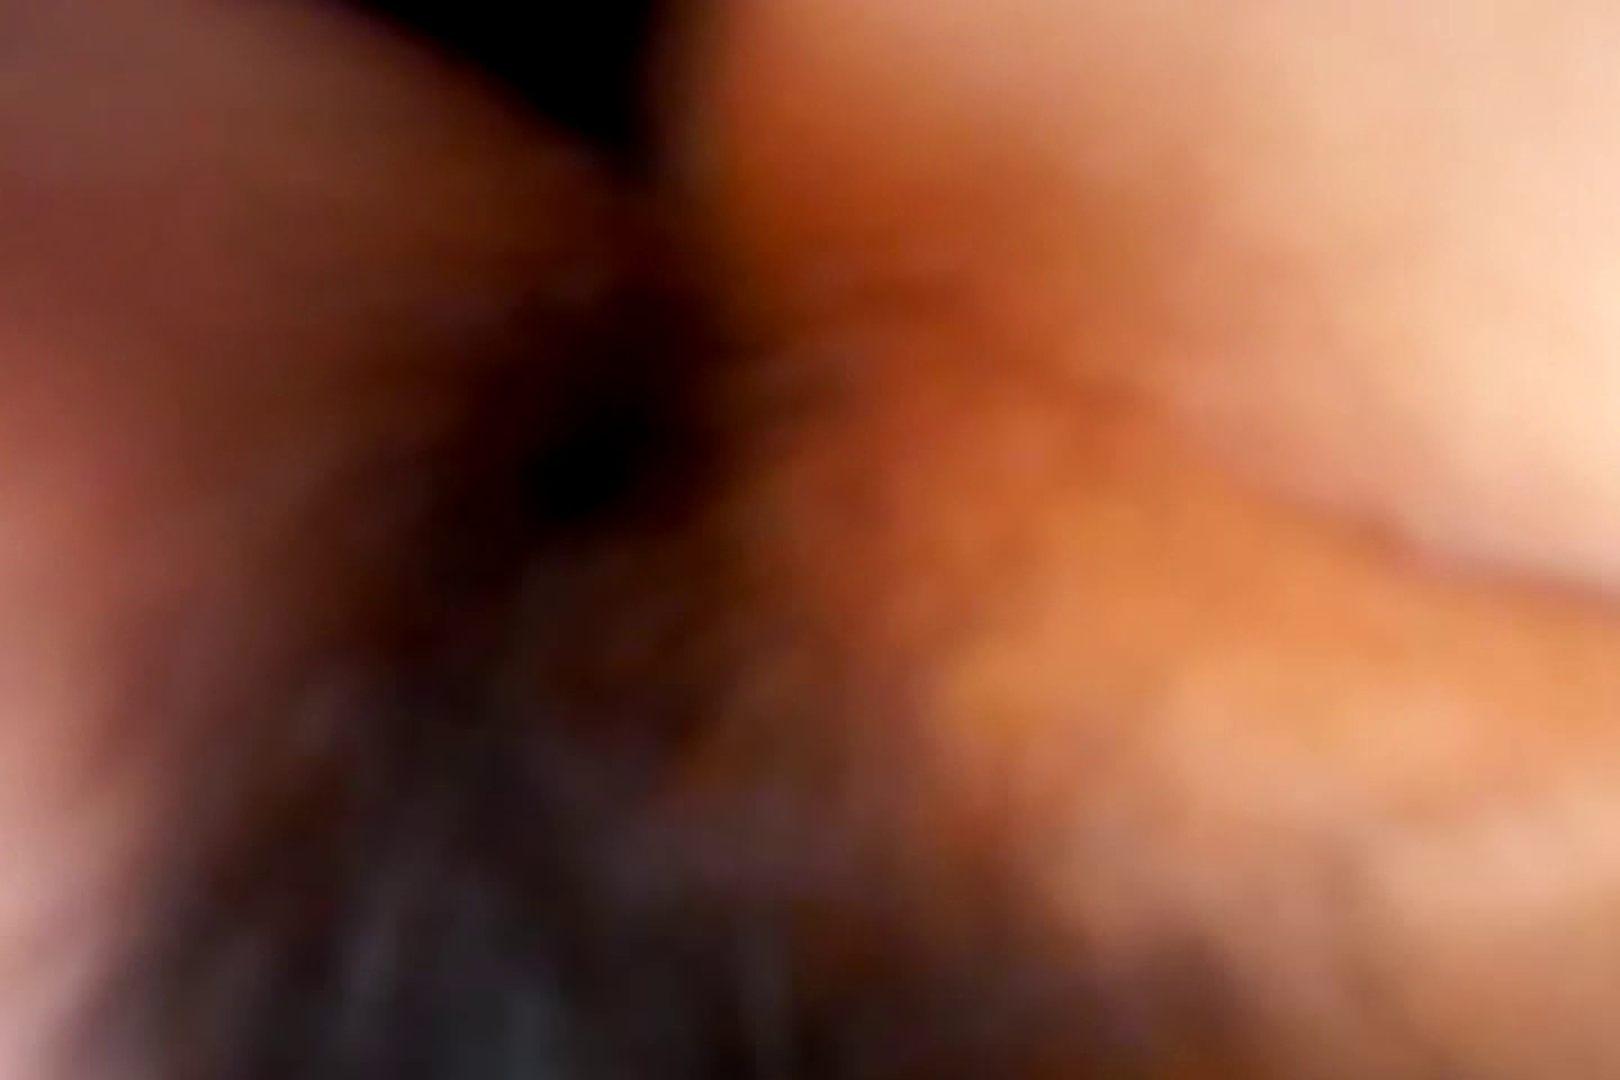 ウイルス流出 レオ&マンコのアルバム クンニ  96pic 5